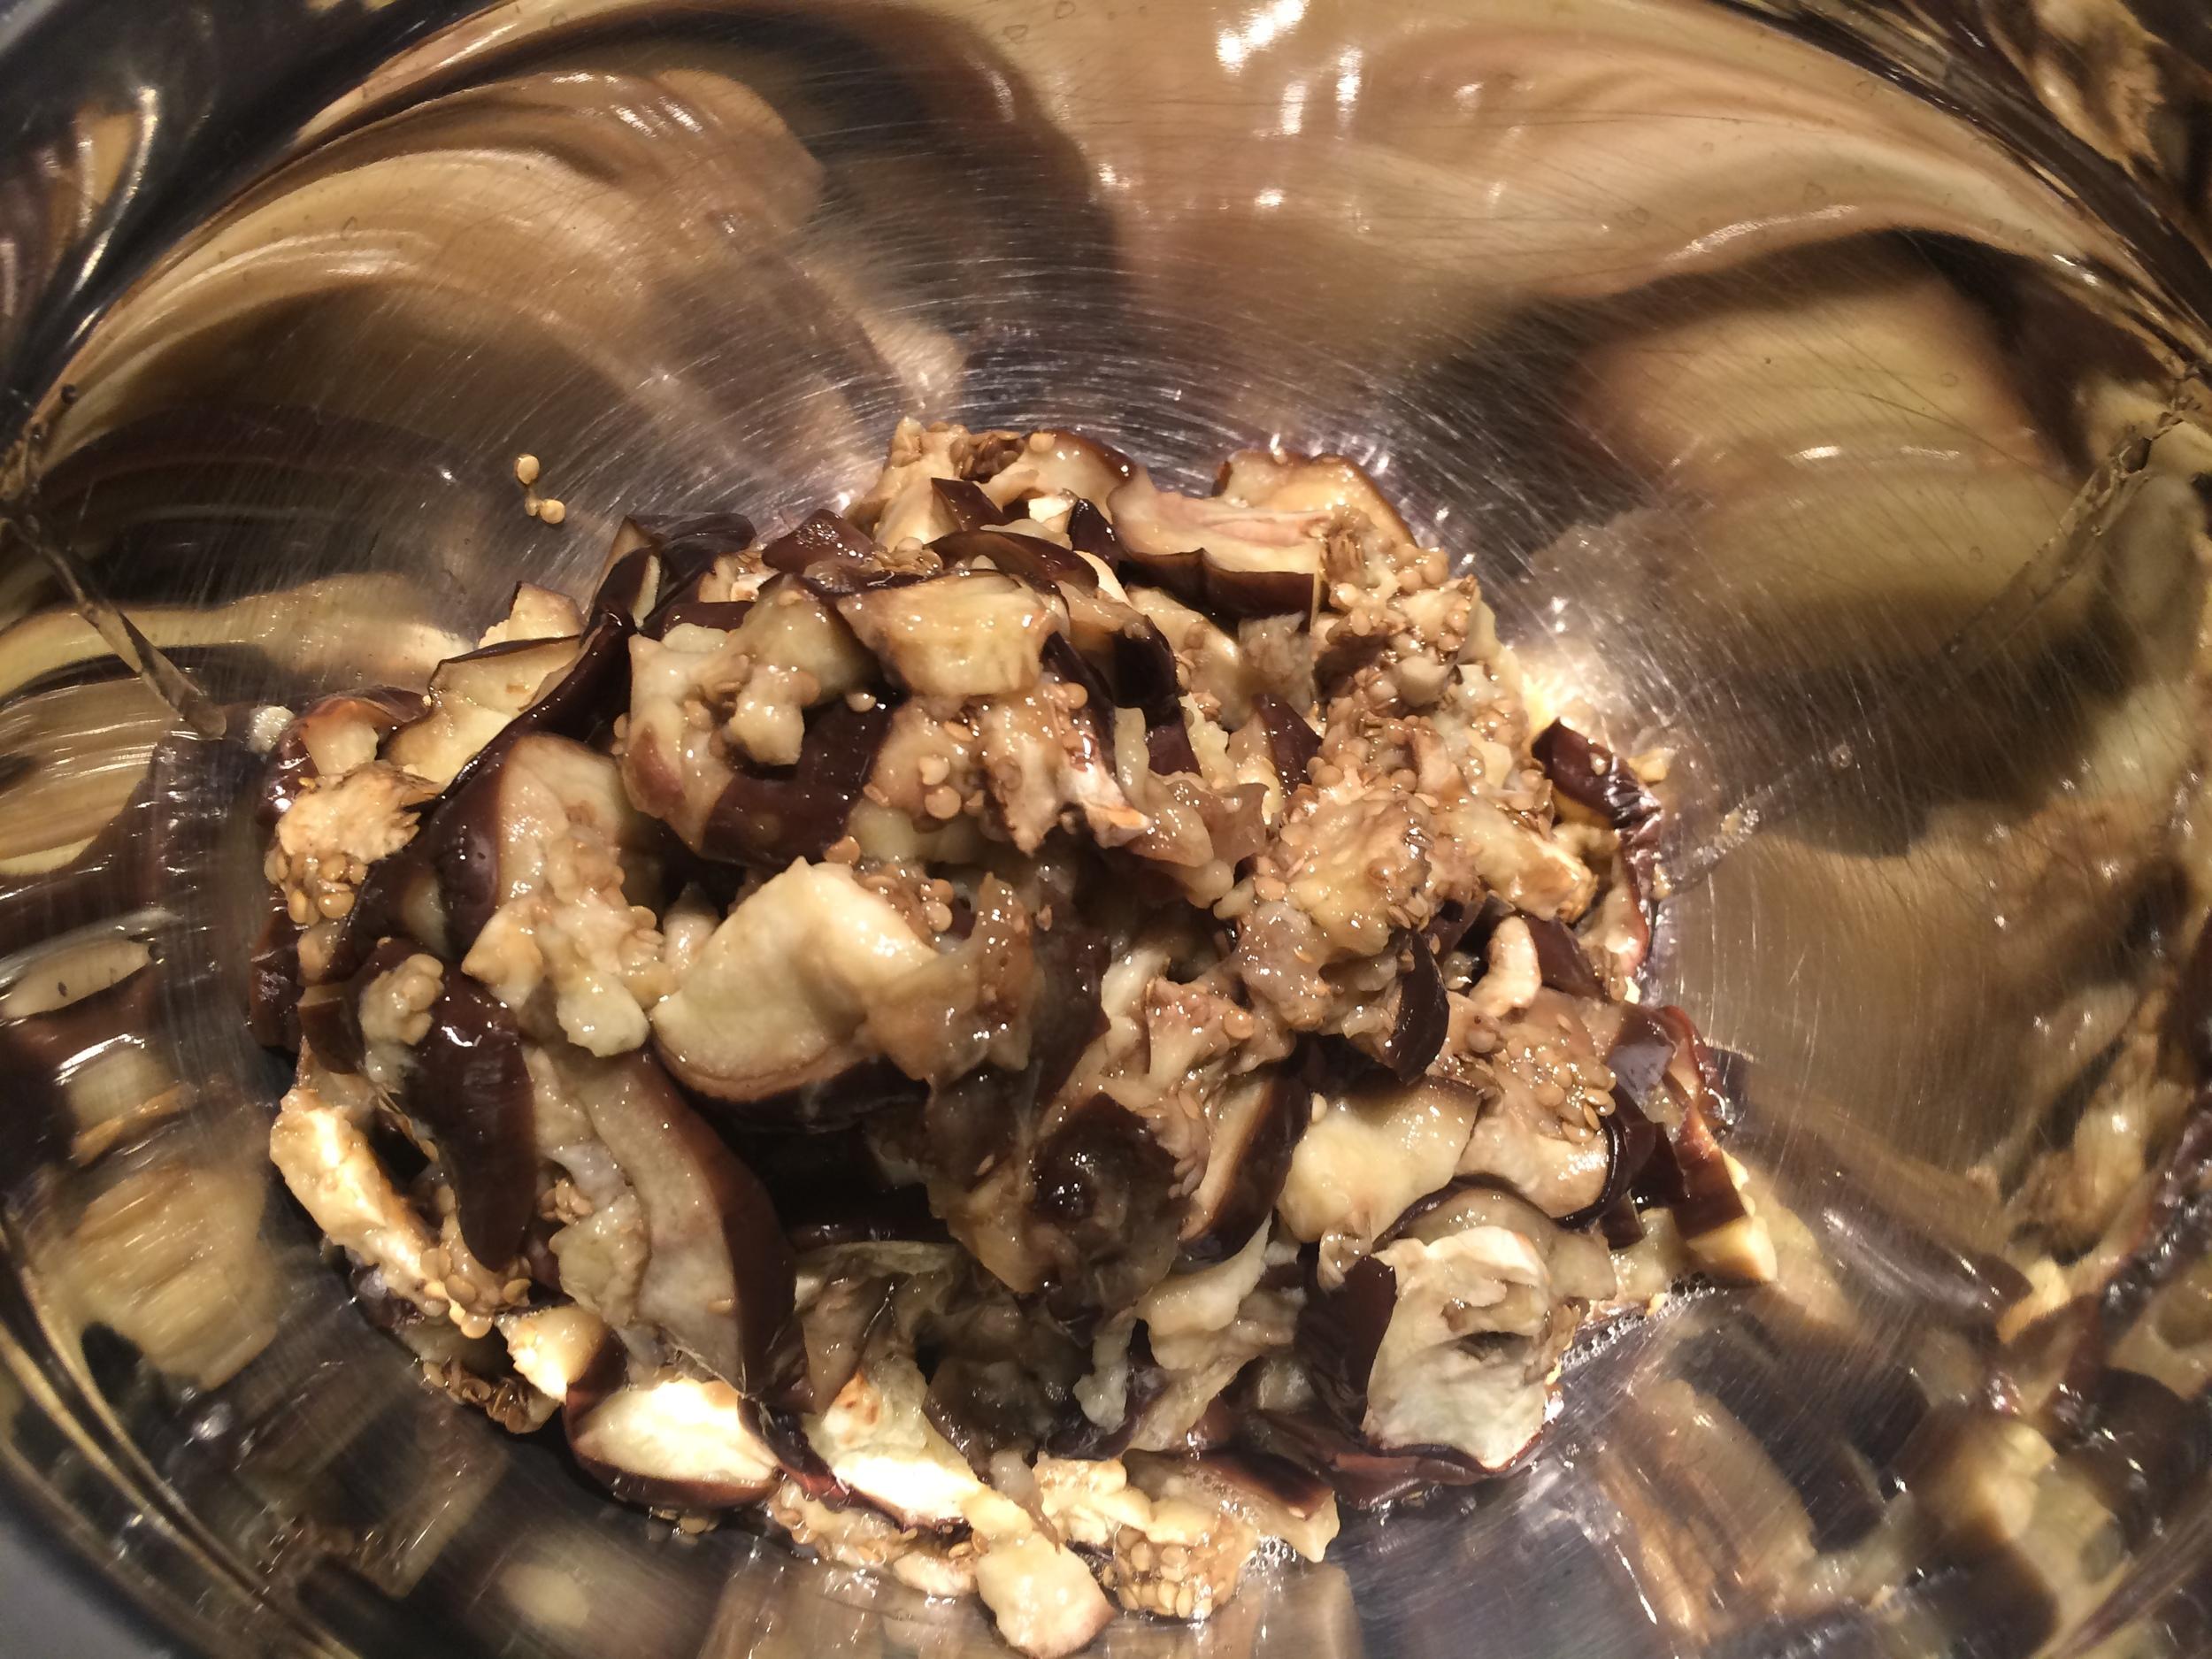 Quando a berinjela esfriar, esprema-a para retirar alguma sobra de líquido delas e coloque-as num  bowl .